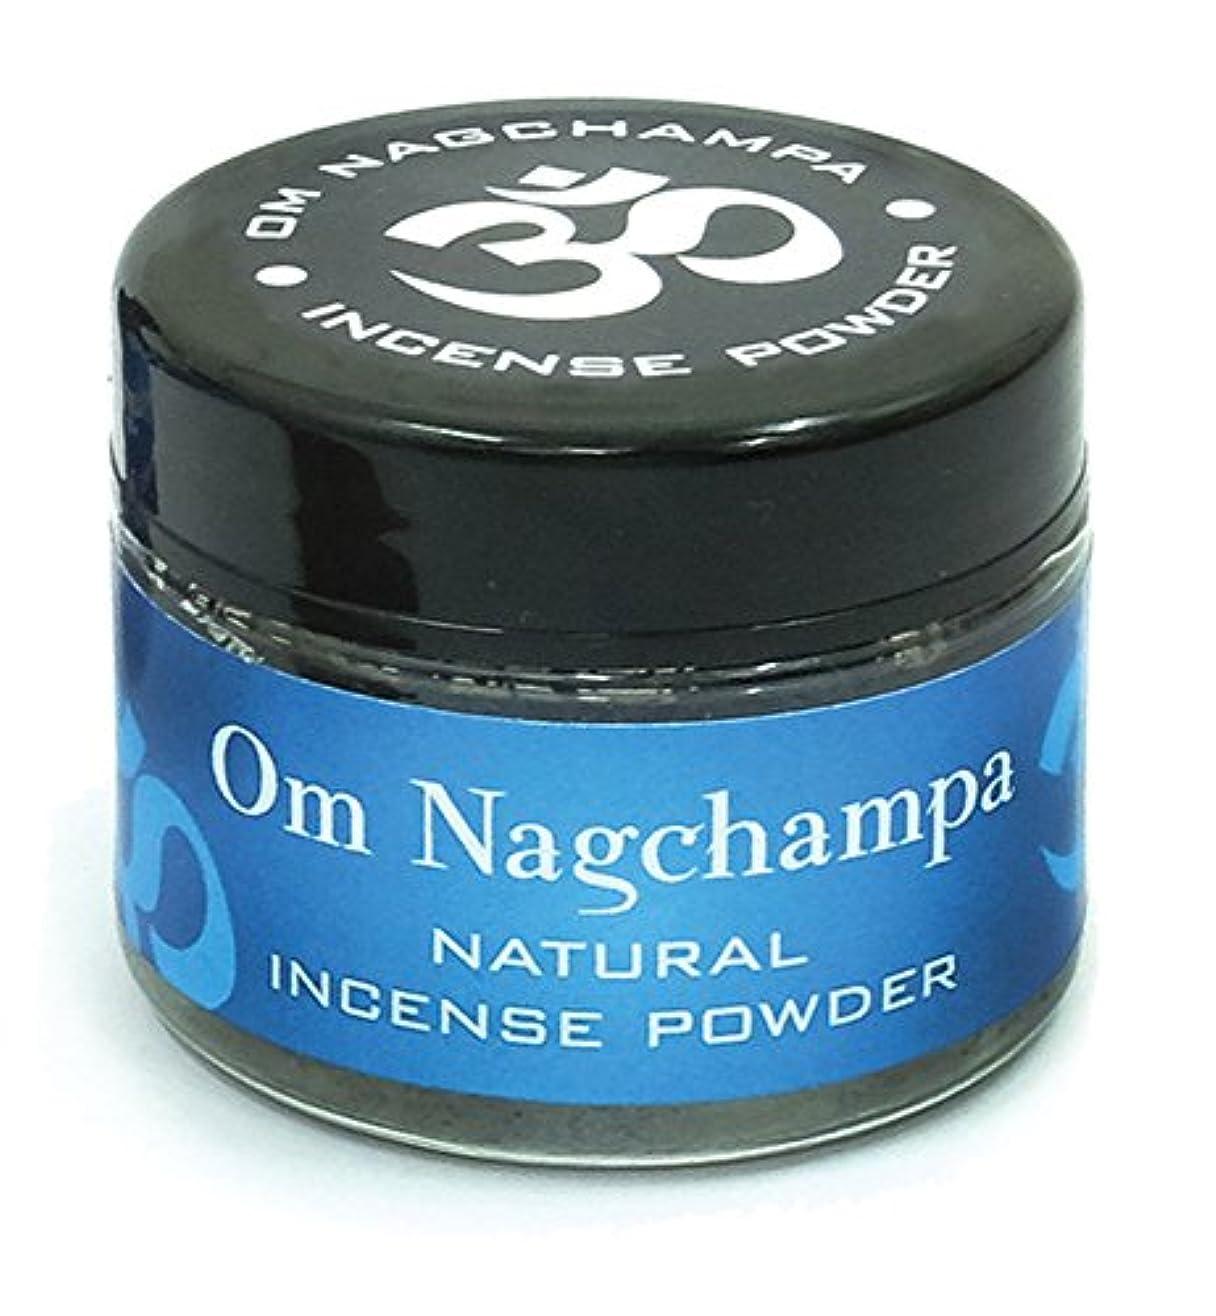 介入する赤溝Om Nagchampa自然Incense Powder Slow Burn 20 g